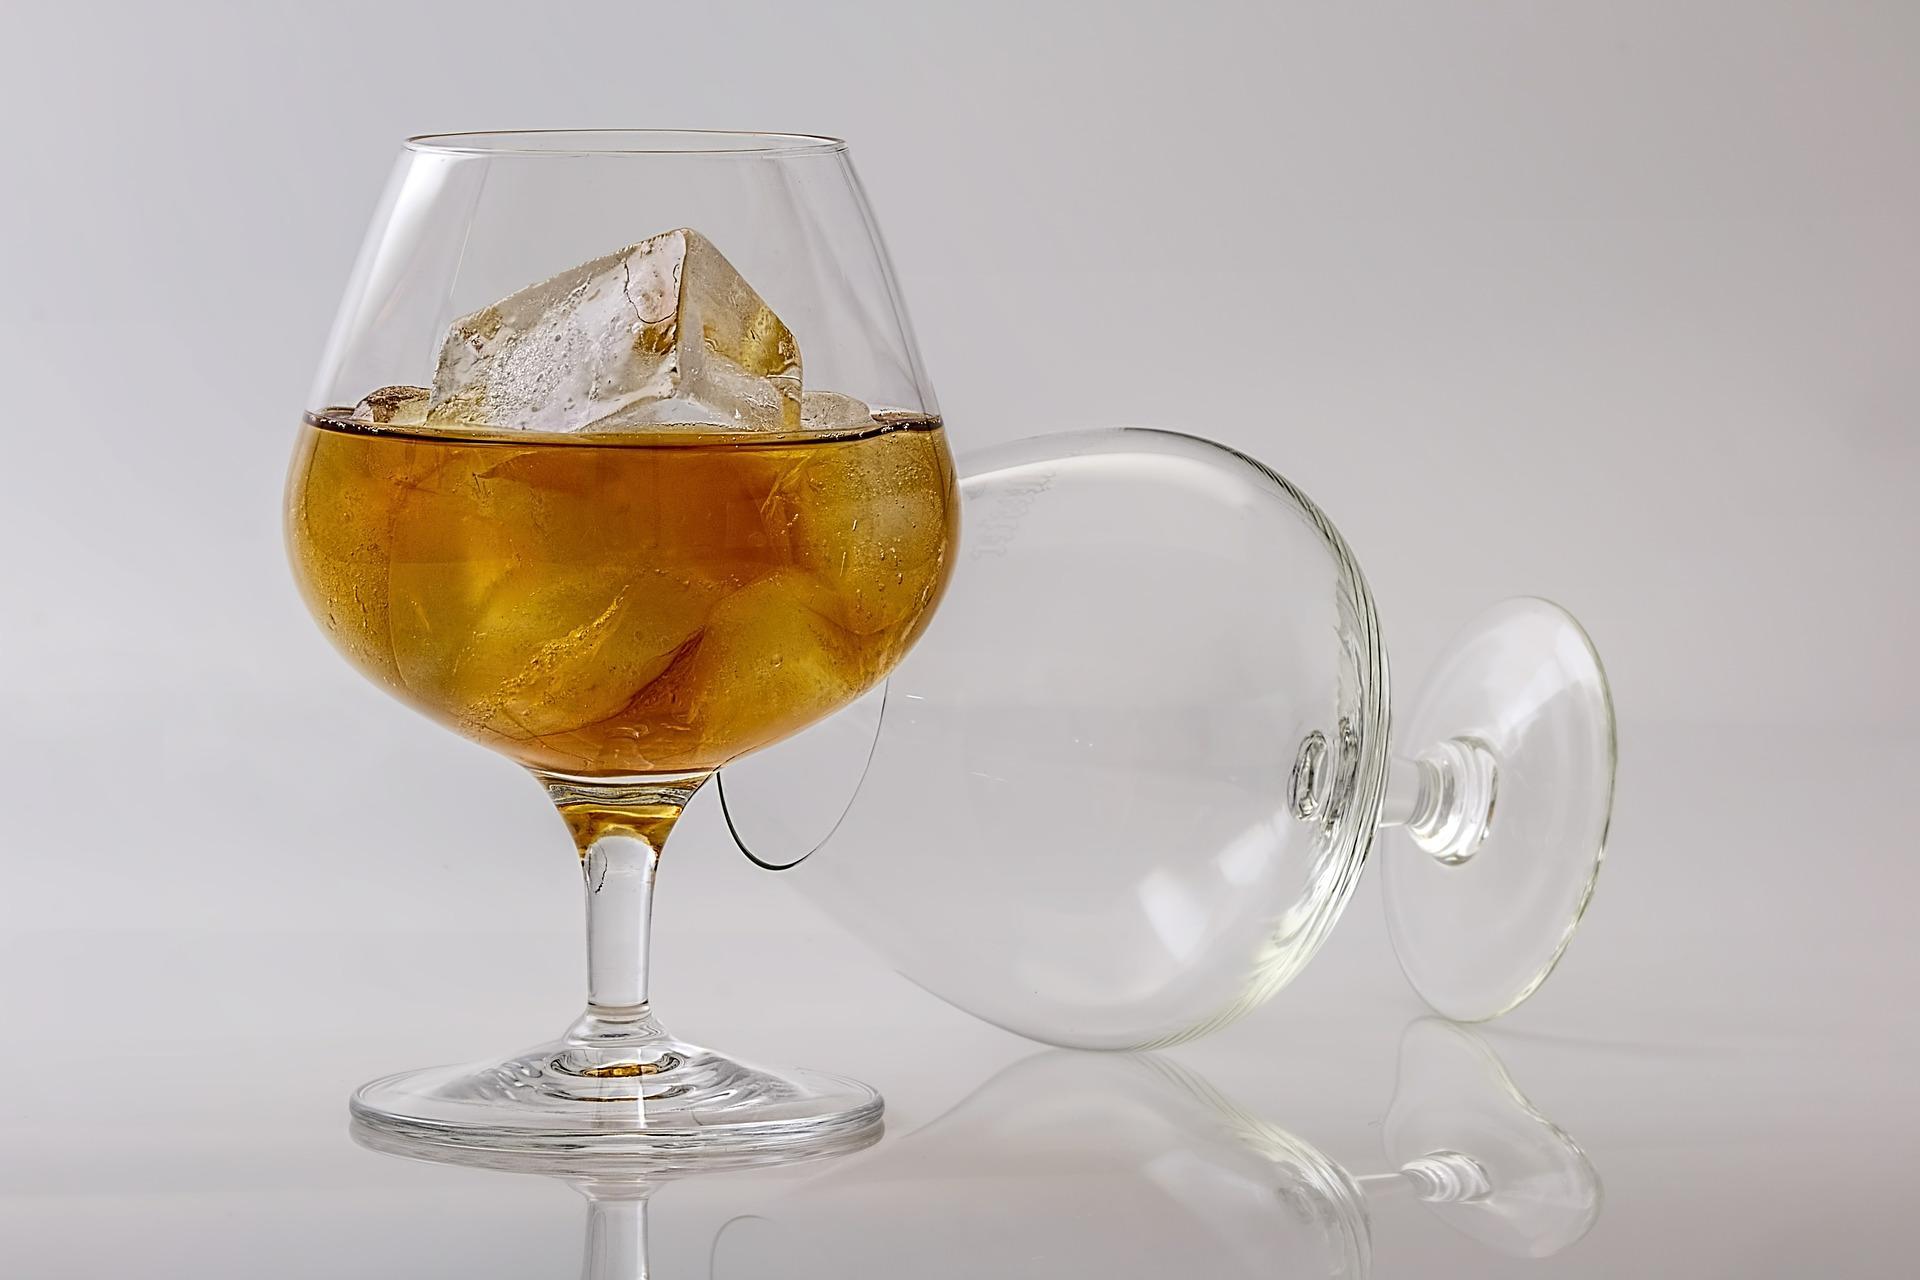 Barkeeper verraten: Diese Drinks sollten Sie niemals bestellen | Gastro